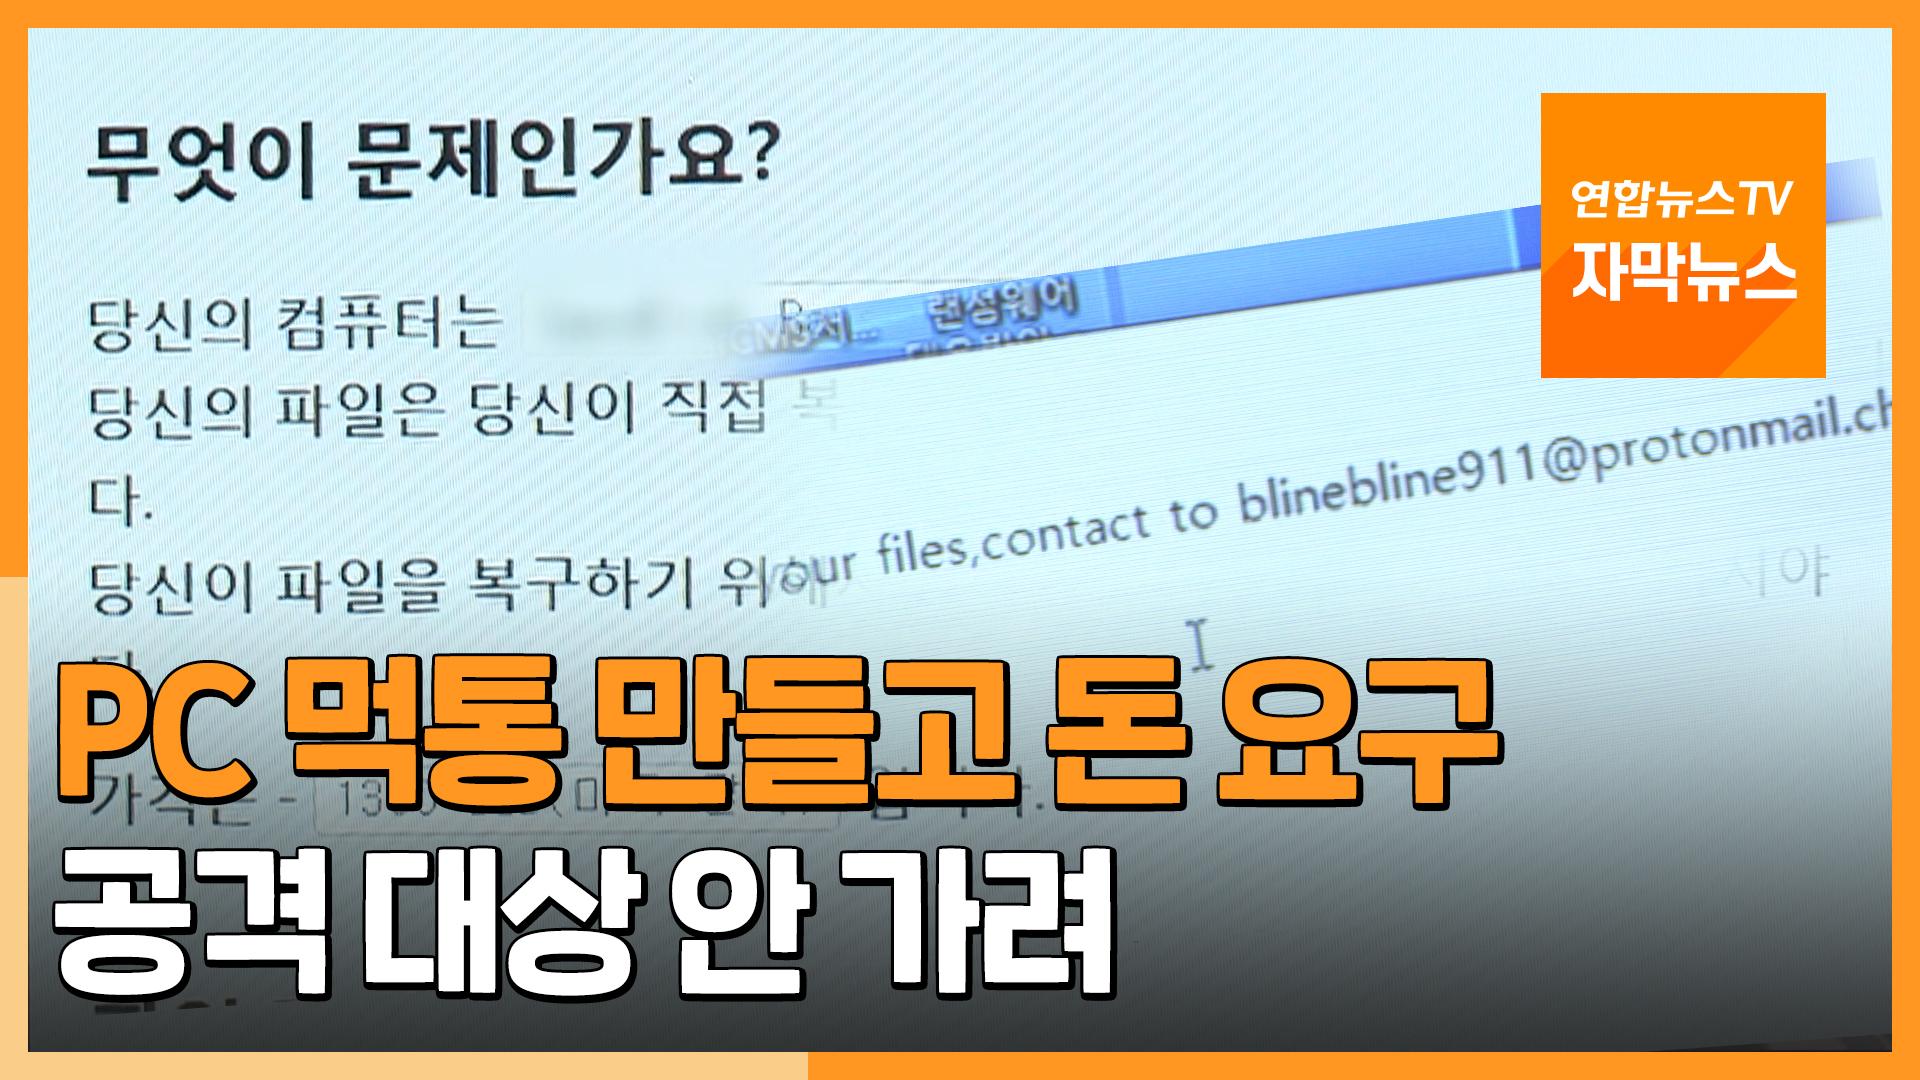 [자막뉴스] PC 먹통 만들고 돈 요구…공격 대상 안 가려